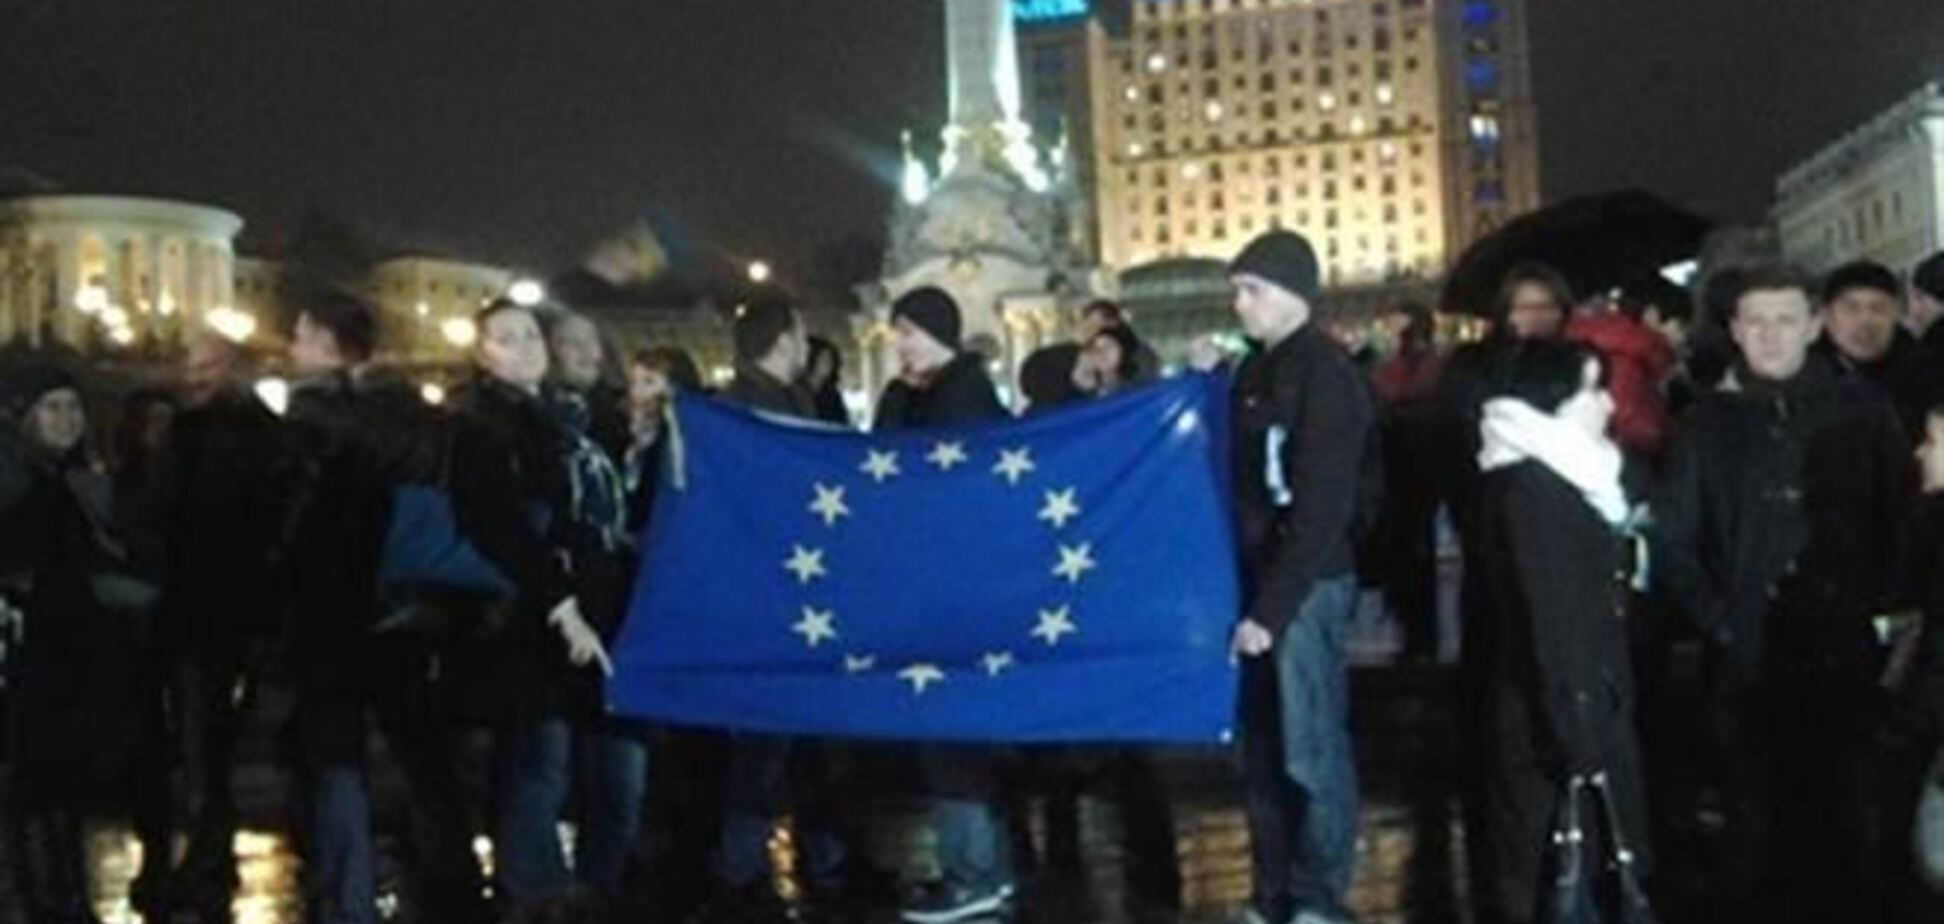 Активисты Евромайдана больше не видят смысла ночевать на улице